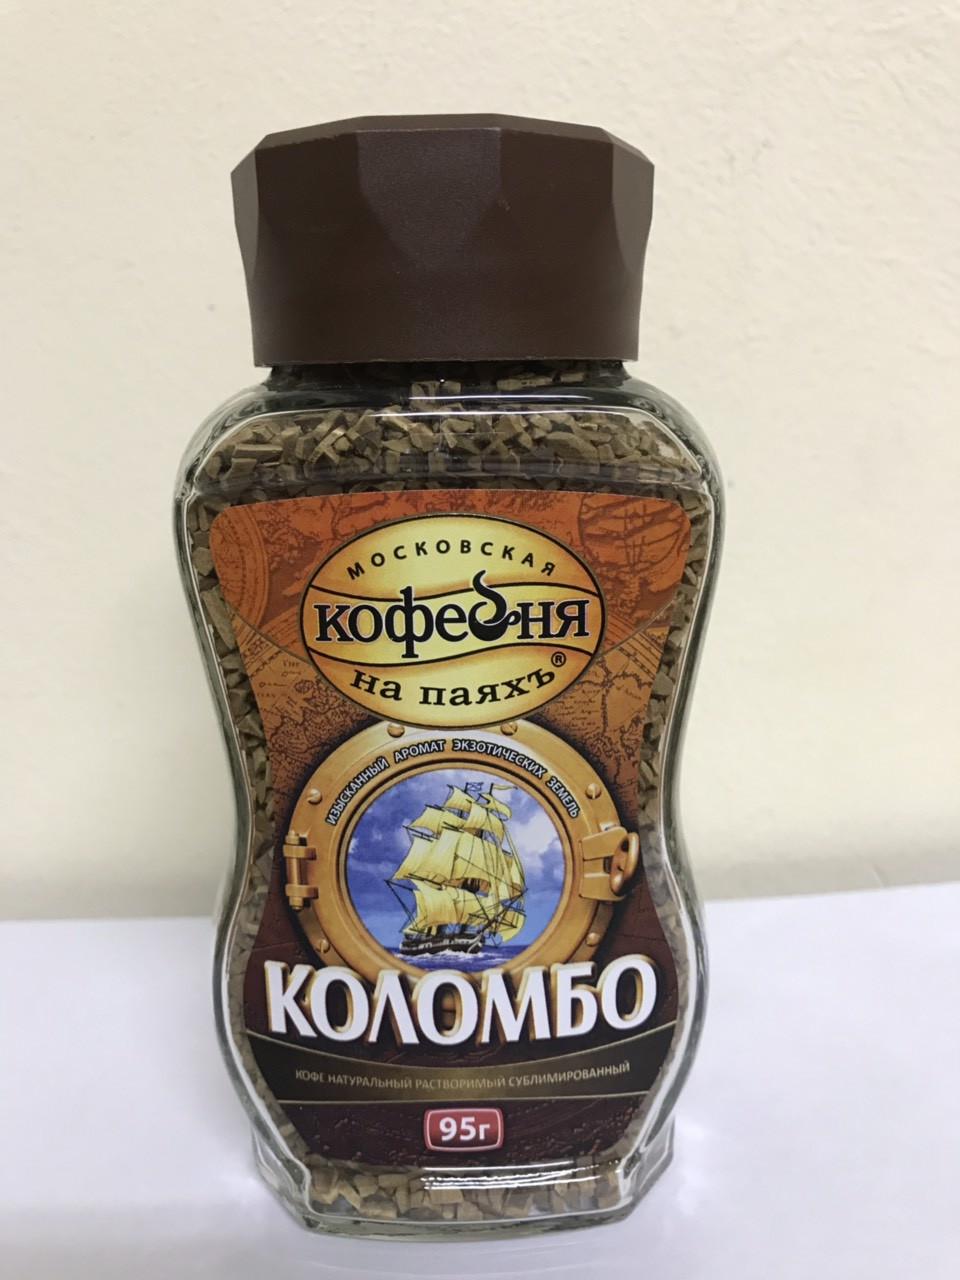 Кофе растворимый Коломбо Московская кофейня на паяхъ 95 гр.